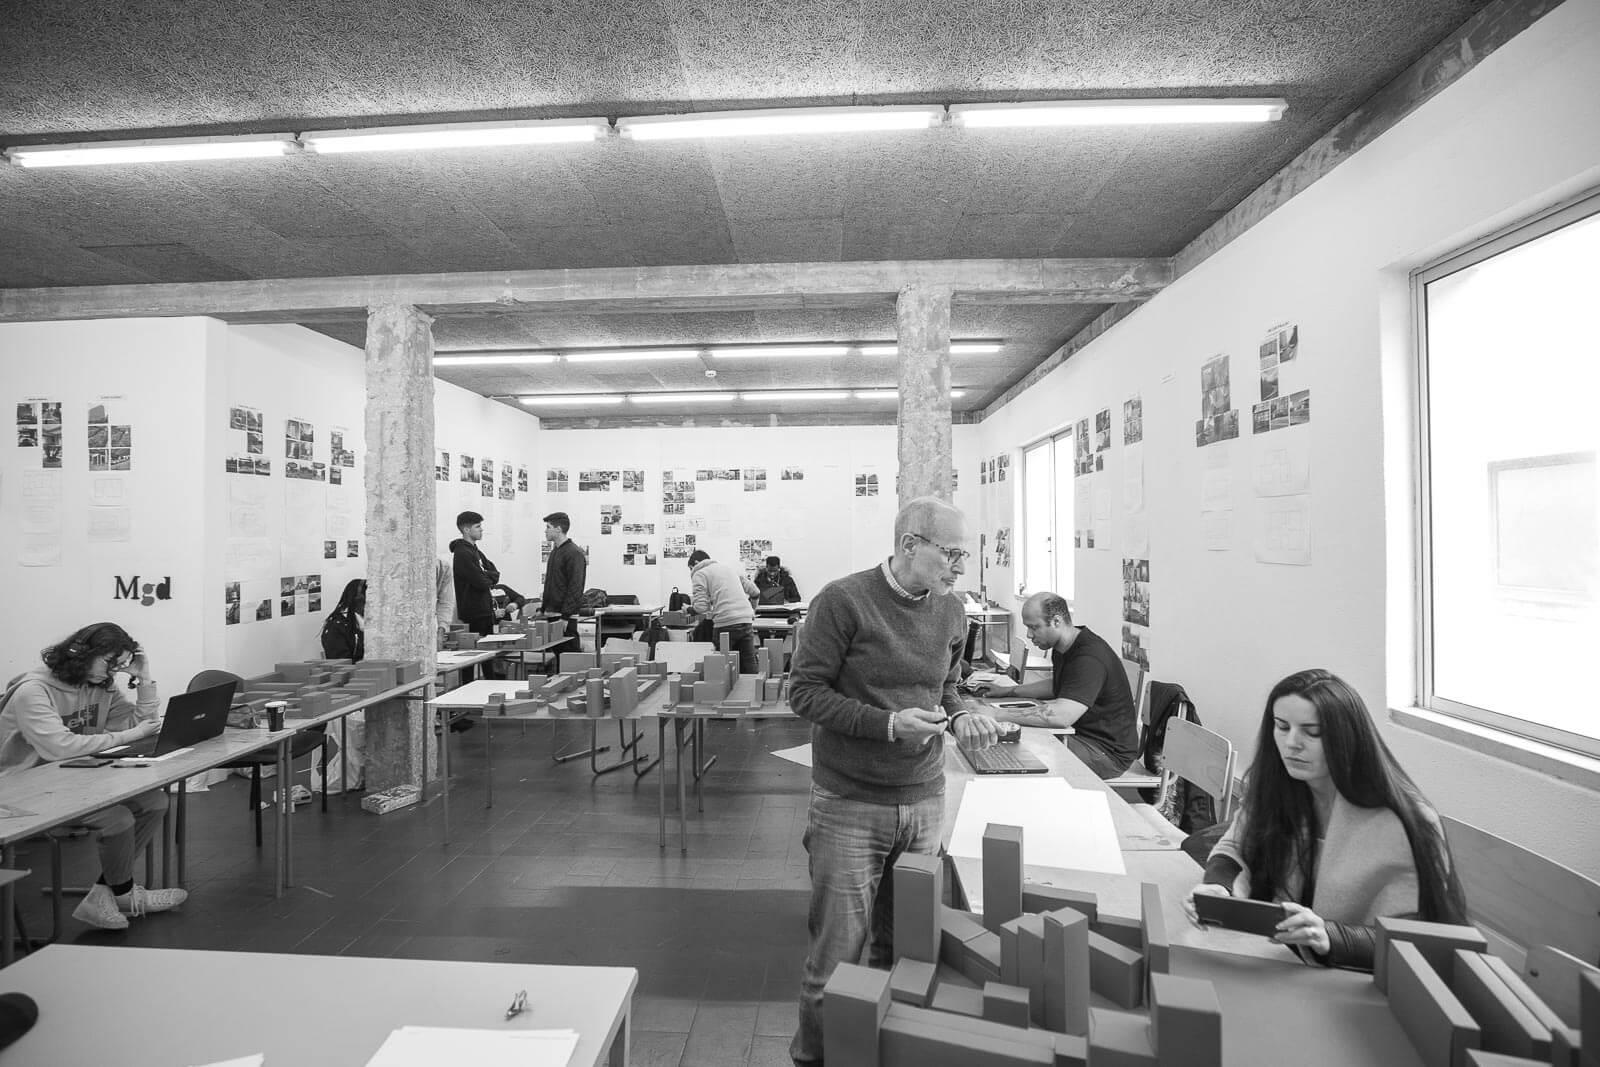 Entrevista ao arquiteto e professor Egas José Vieira